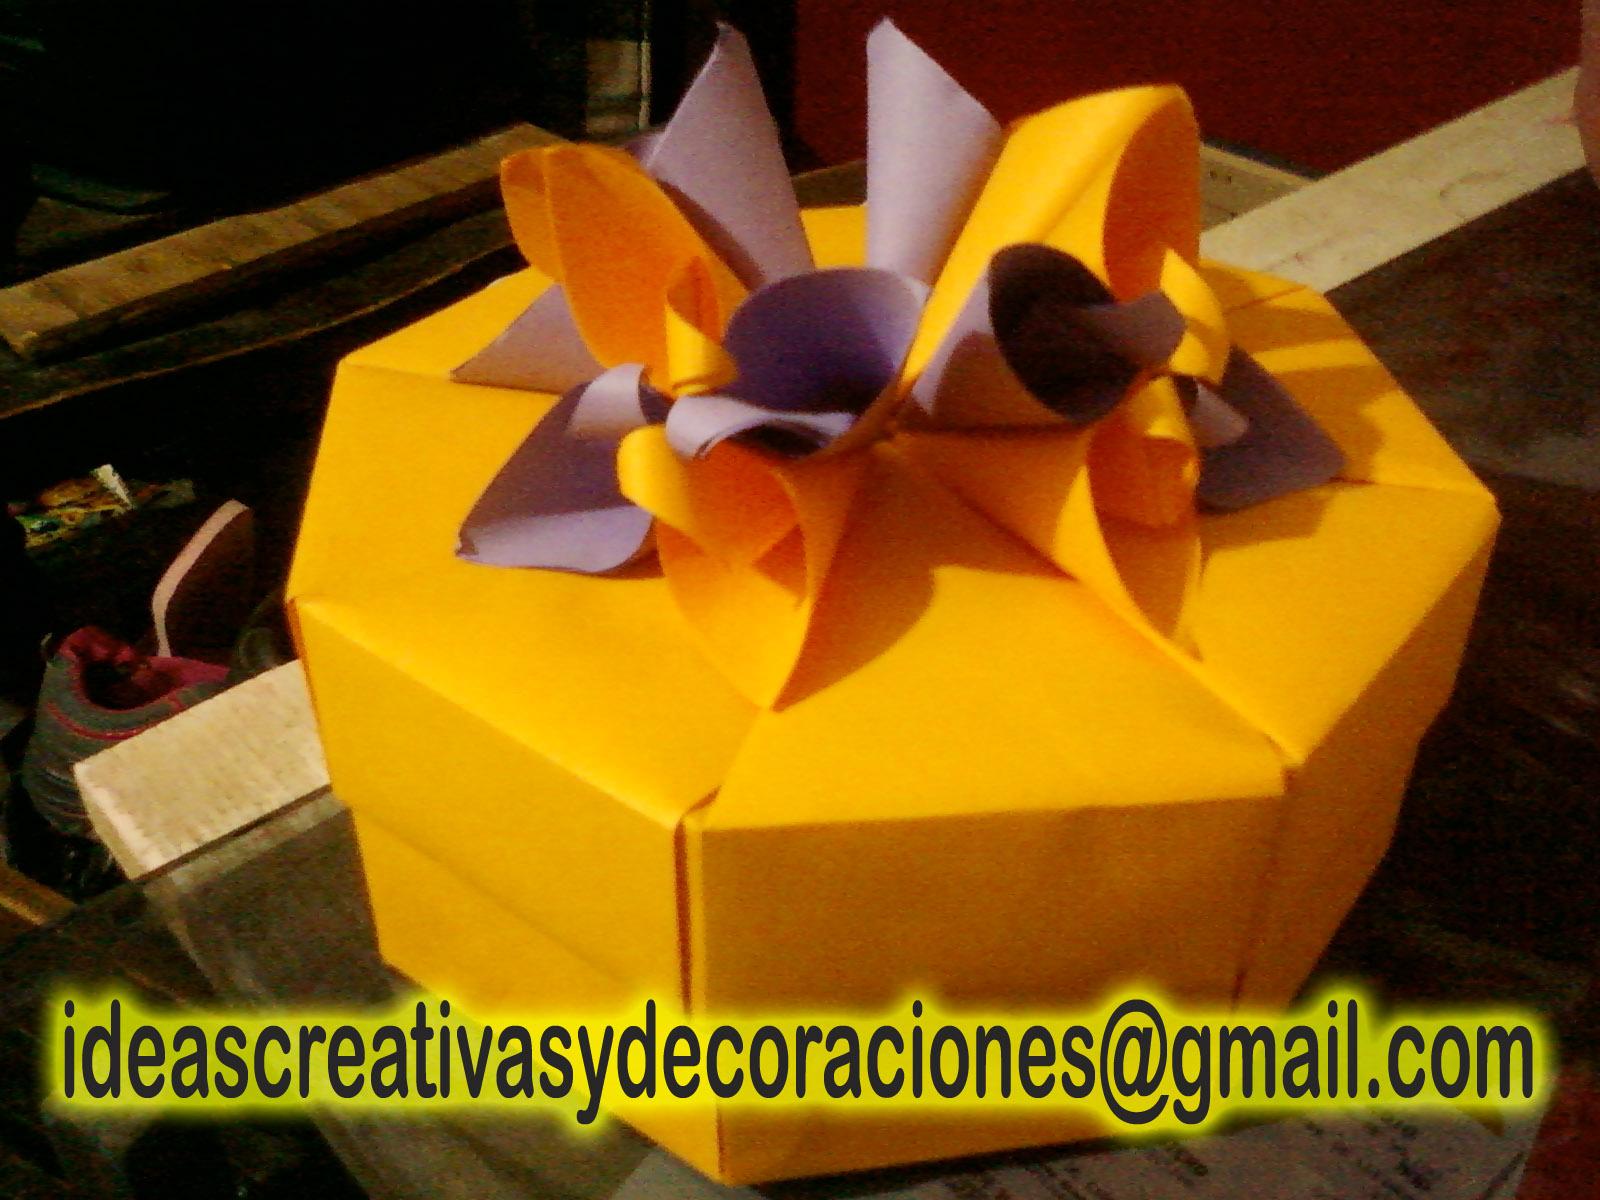 Cajas de papel para regalos asami design - Cajas forradas de papel ...